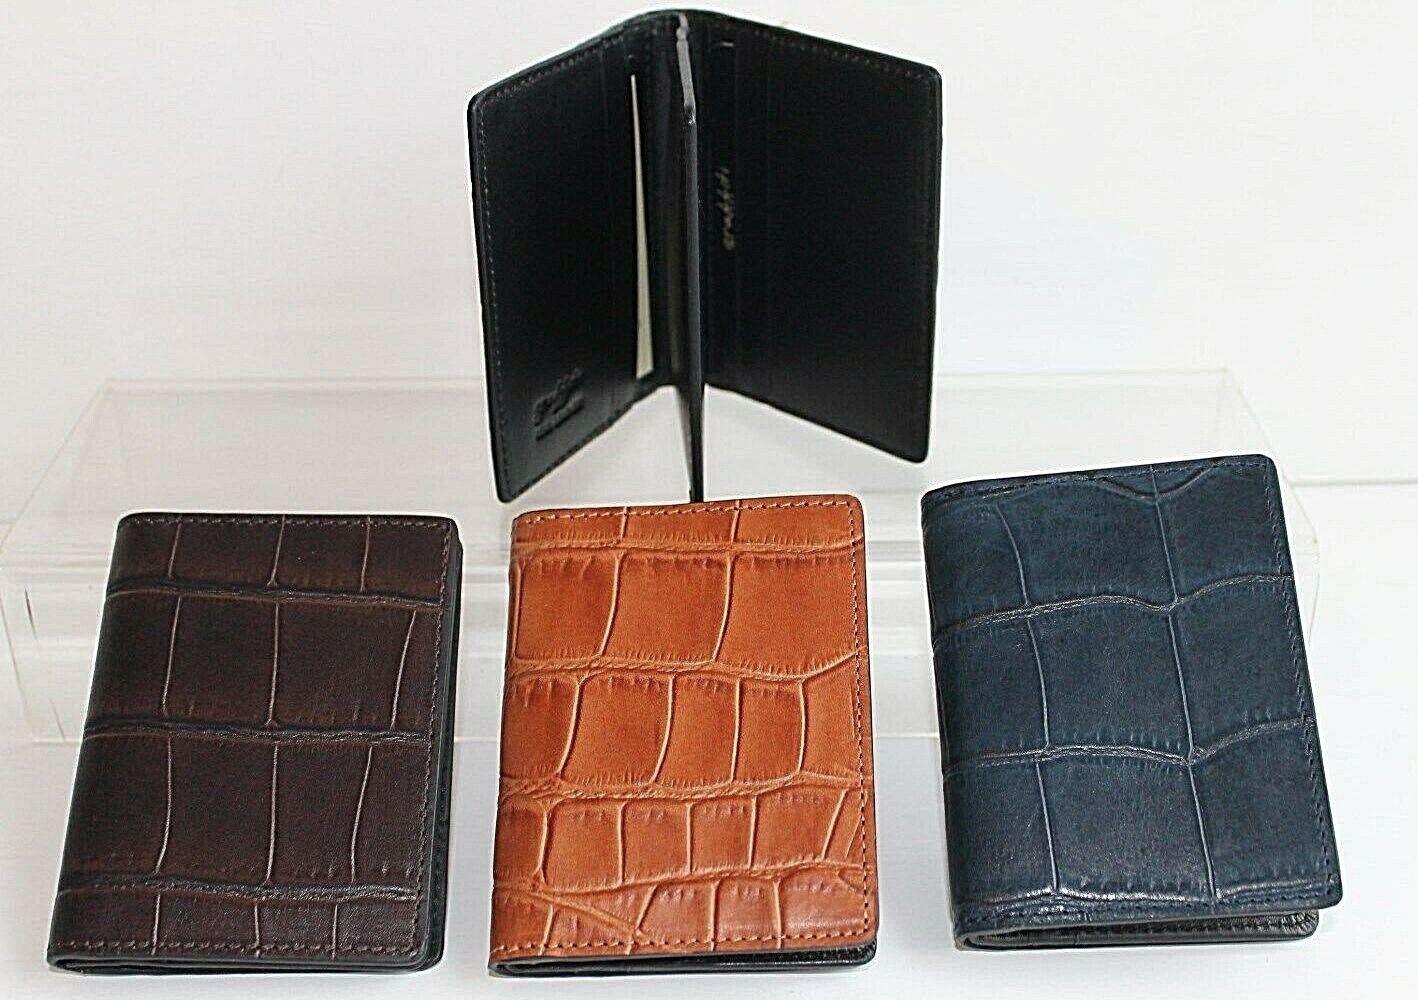 Golunski LEATHER Credit Card Holder / Wallet Blue, Caramel or Brown